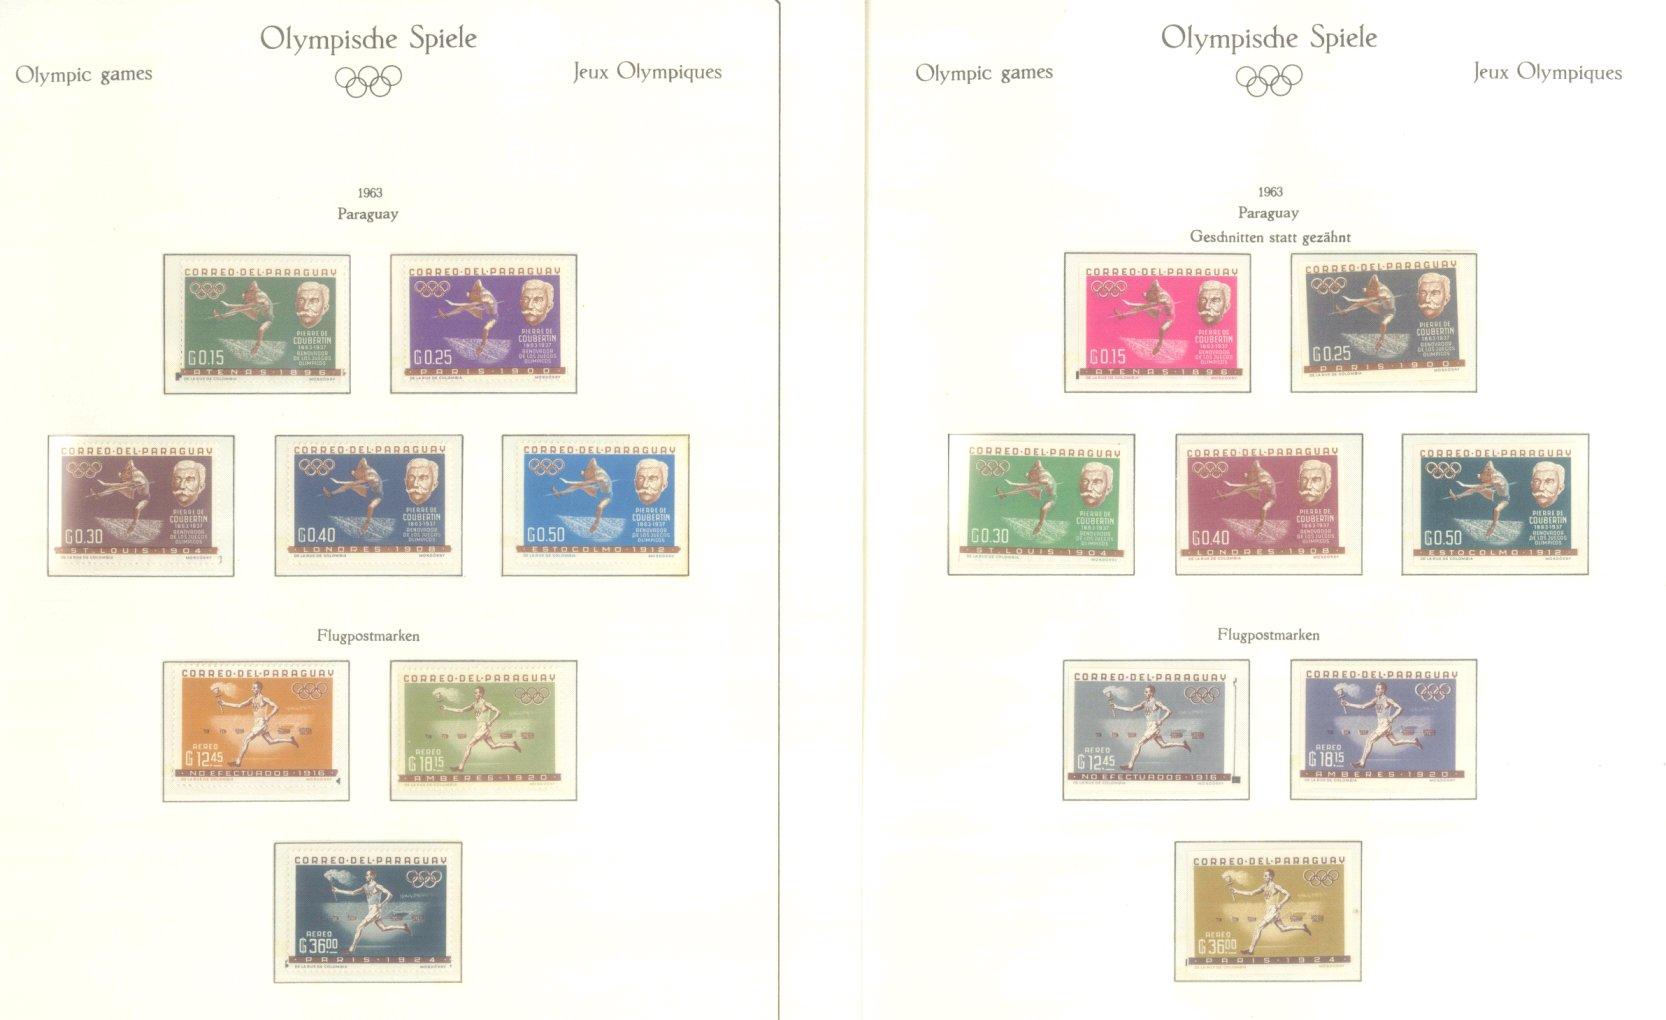 OLYMPISCHE SPIELE 1964 TOKIO, postfrische Sammlung Teil 2-10